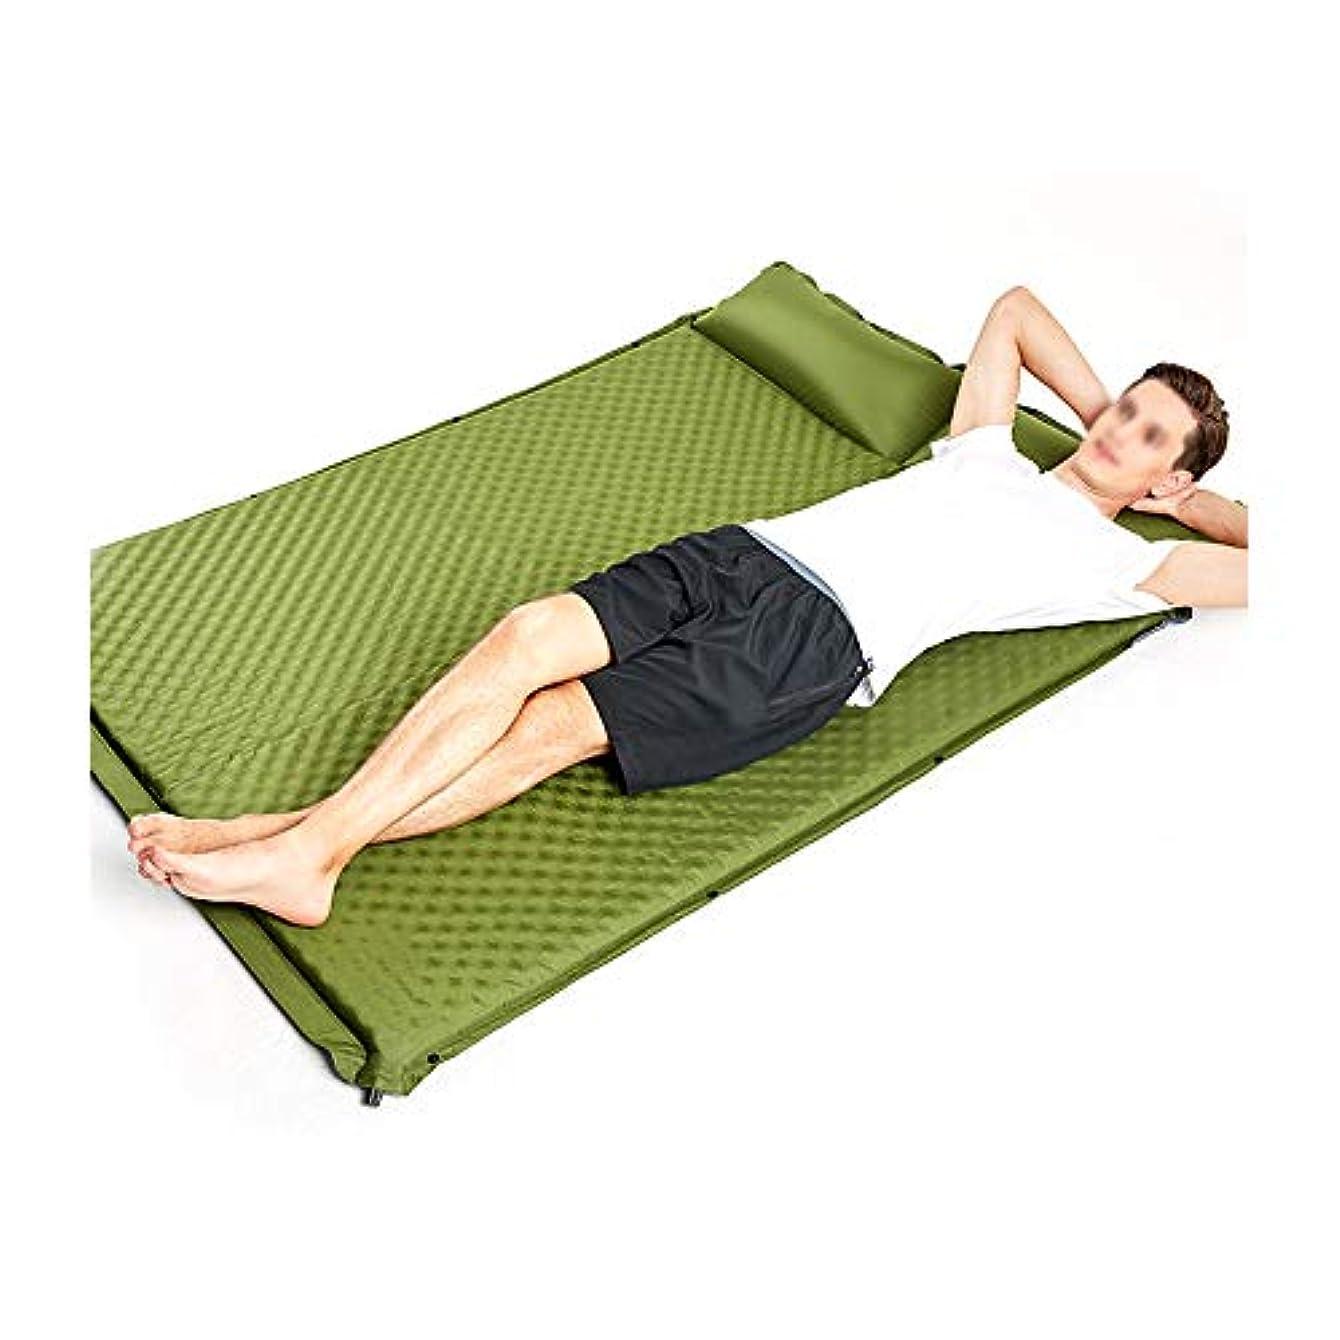 見捨てる野球枕、キャンプ、バックパッキング、旅行、2人のための防湿ポータブルキャンプマットと軽量ダブルセルフ膨らまスリーピングパッド